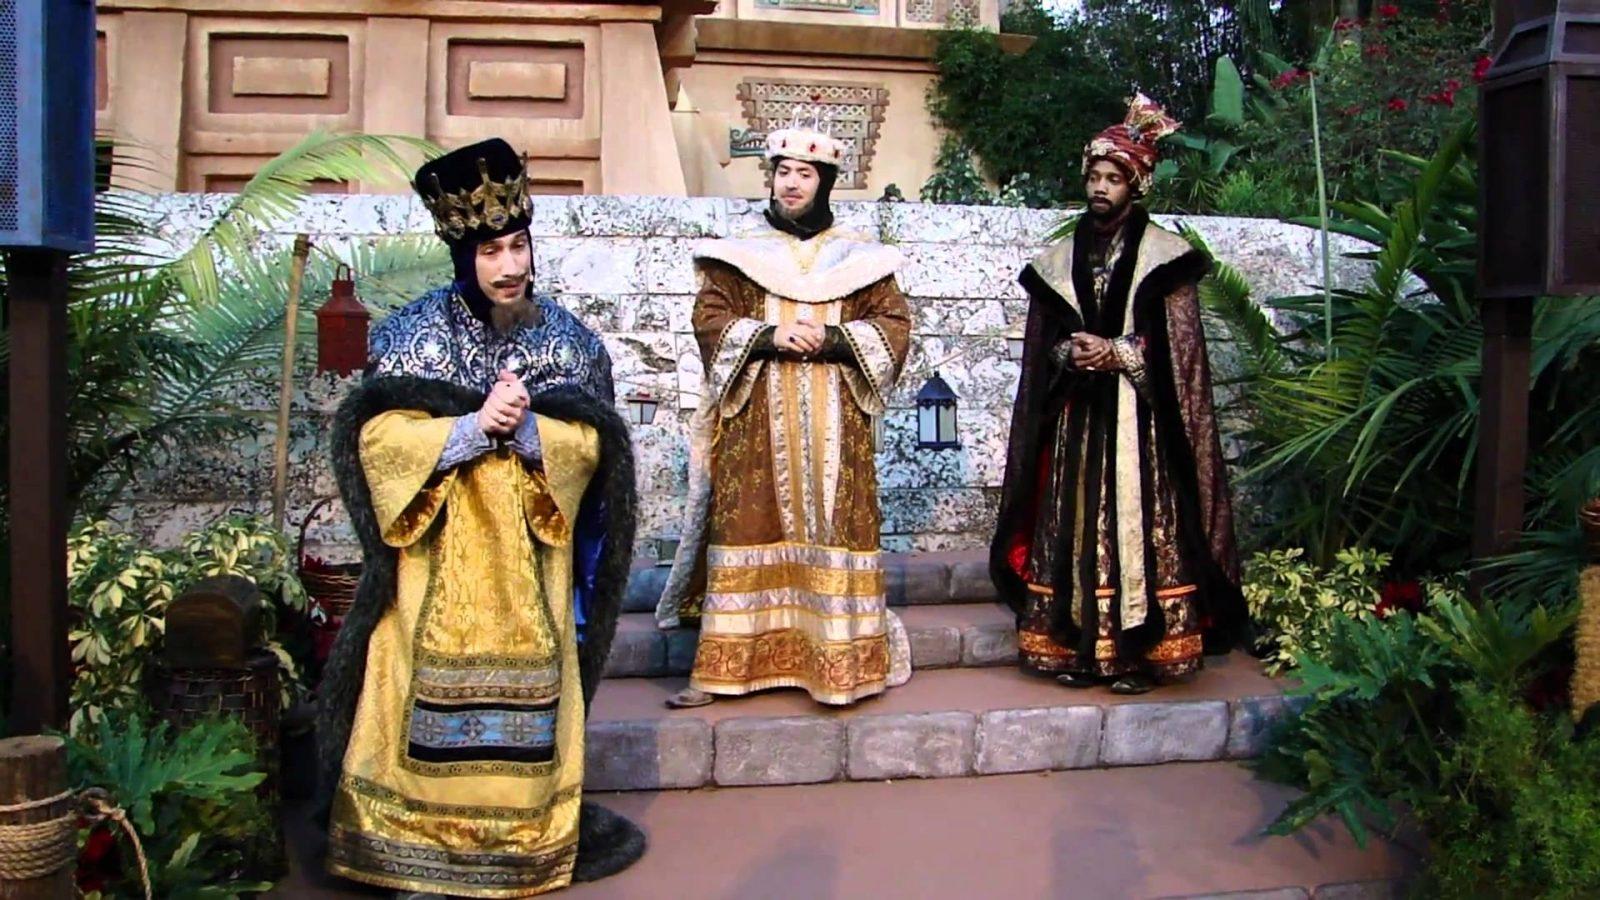 El d a de los reyes magos dias festivos en mexico for Pisos el encinar de los reyes